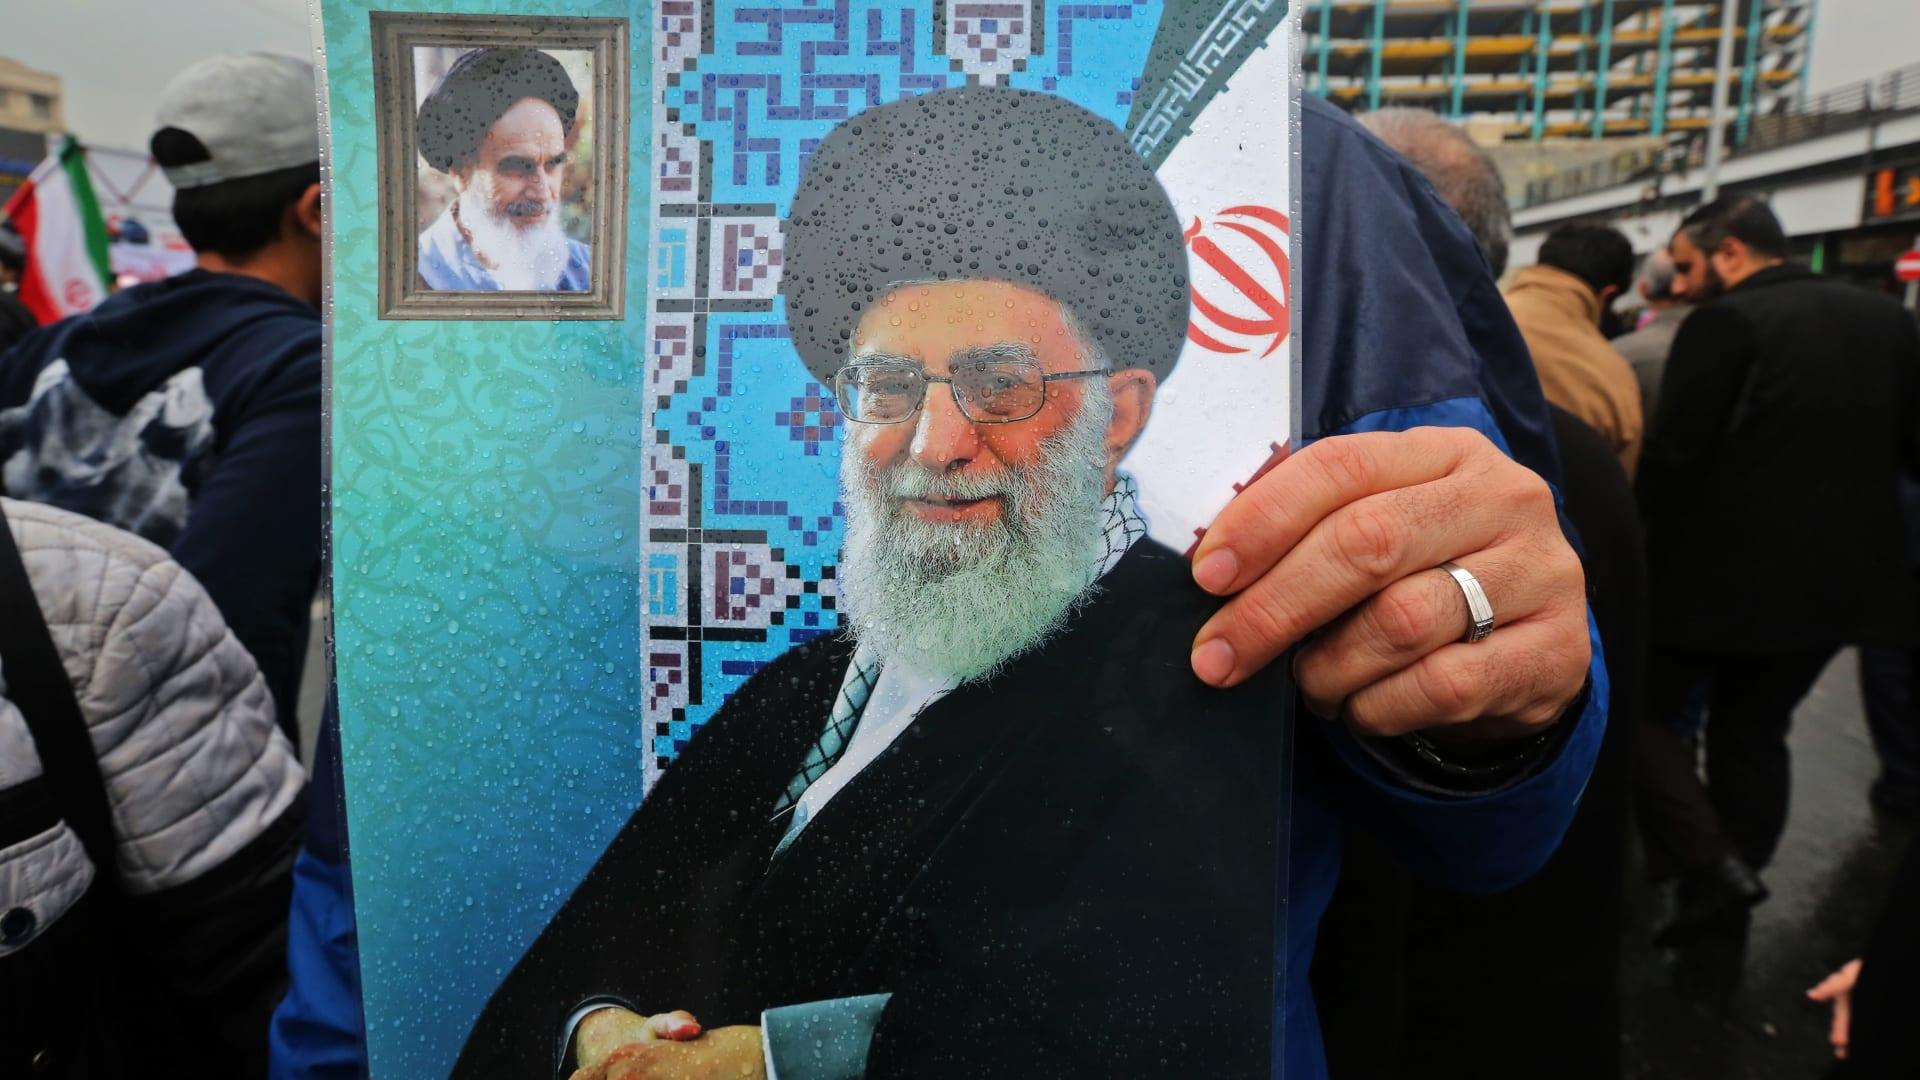 أزمة في مستشفيات إيران.. بسبب العقوبات الأمريكية